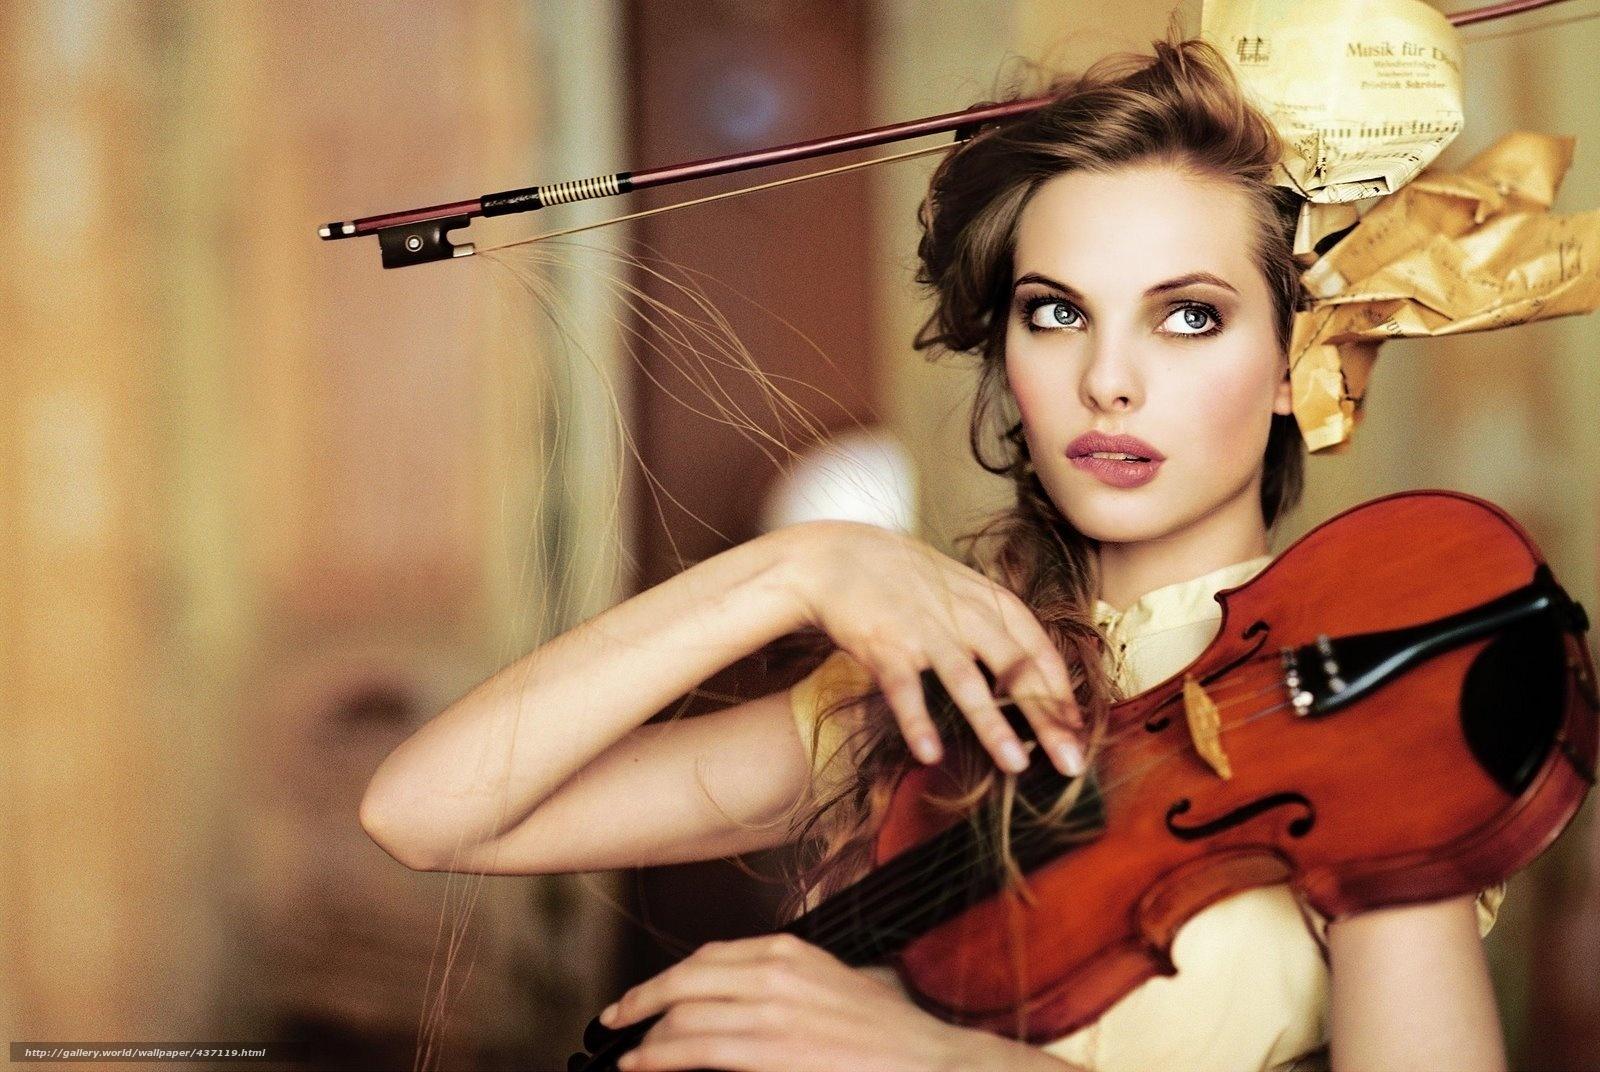 Фото голых женщин как музыкальных инструментов 18 фотография